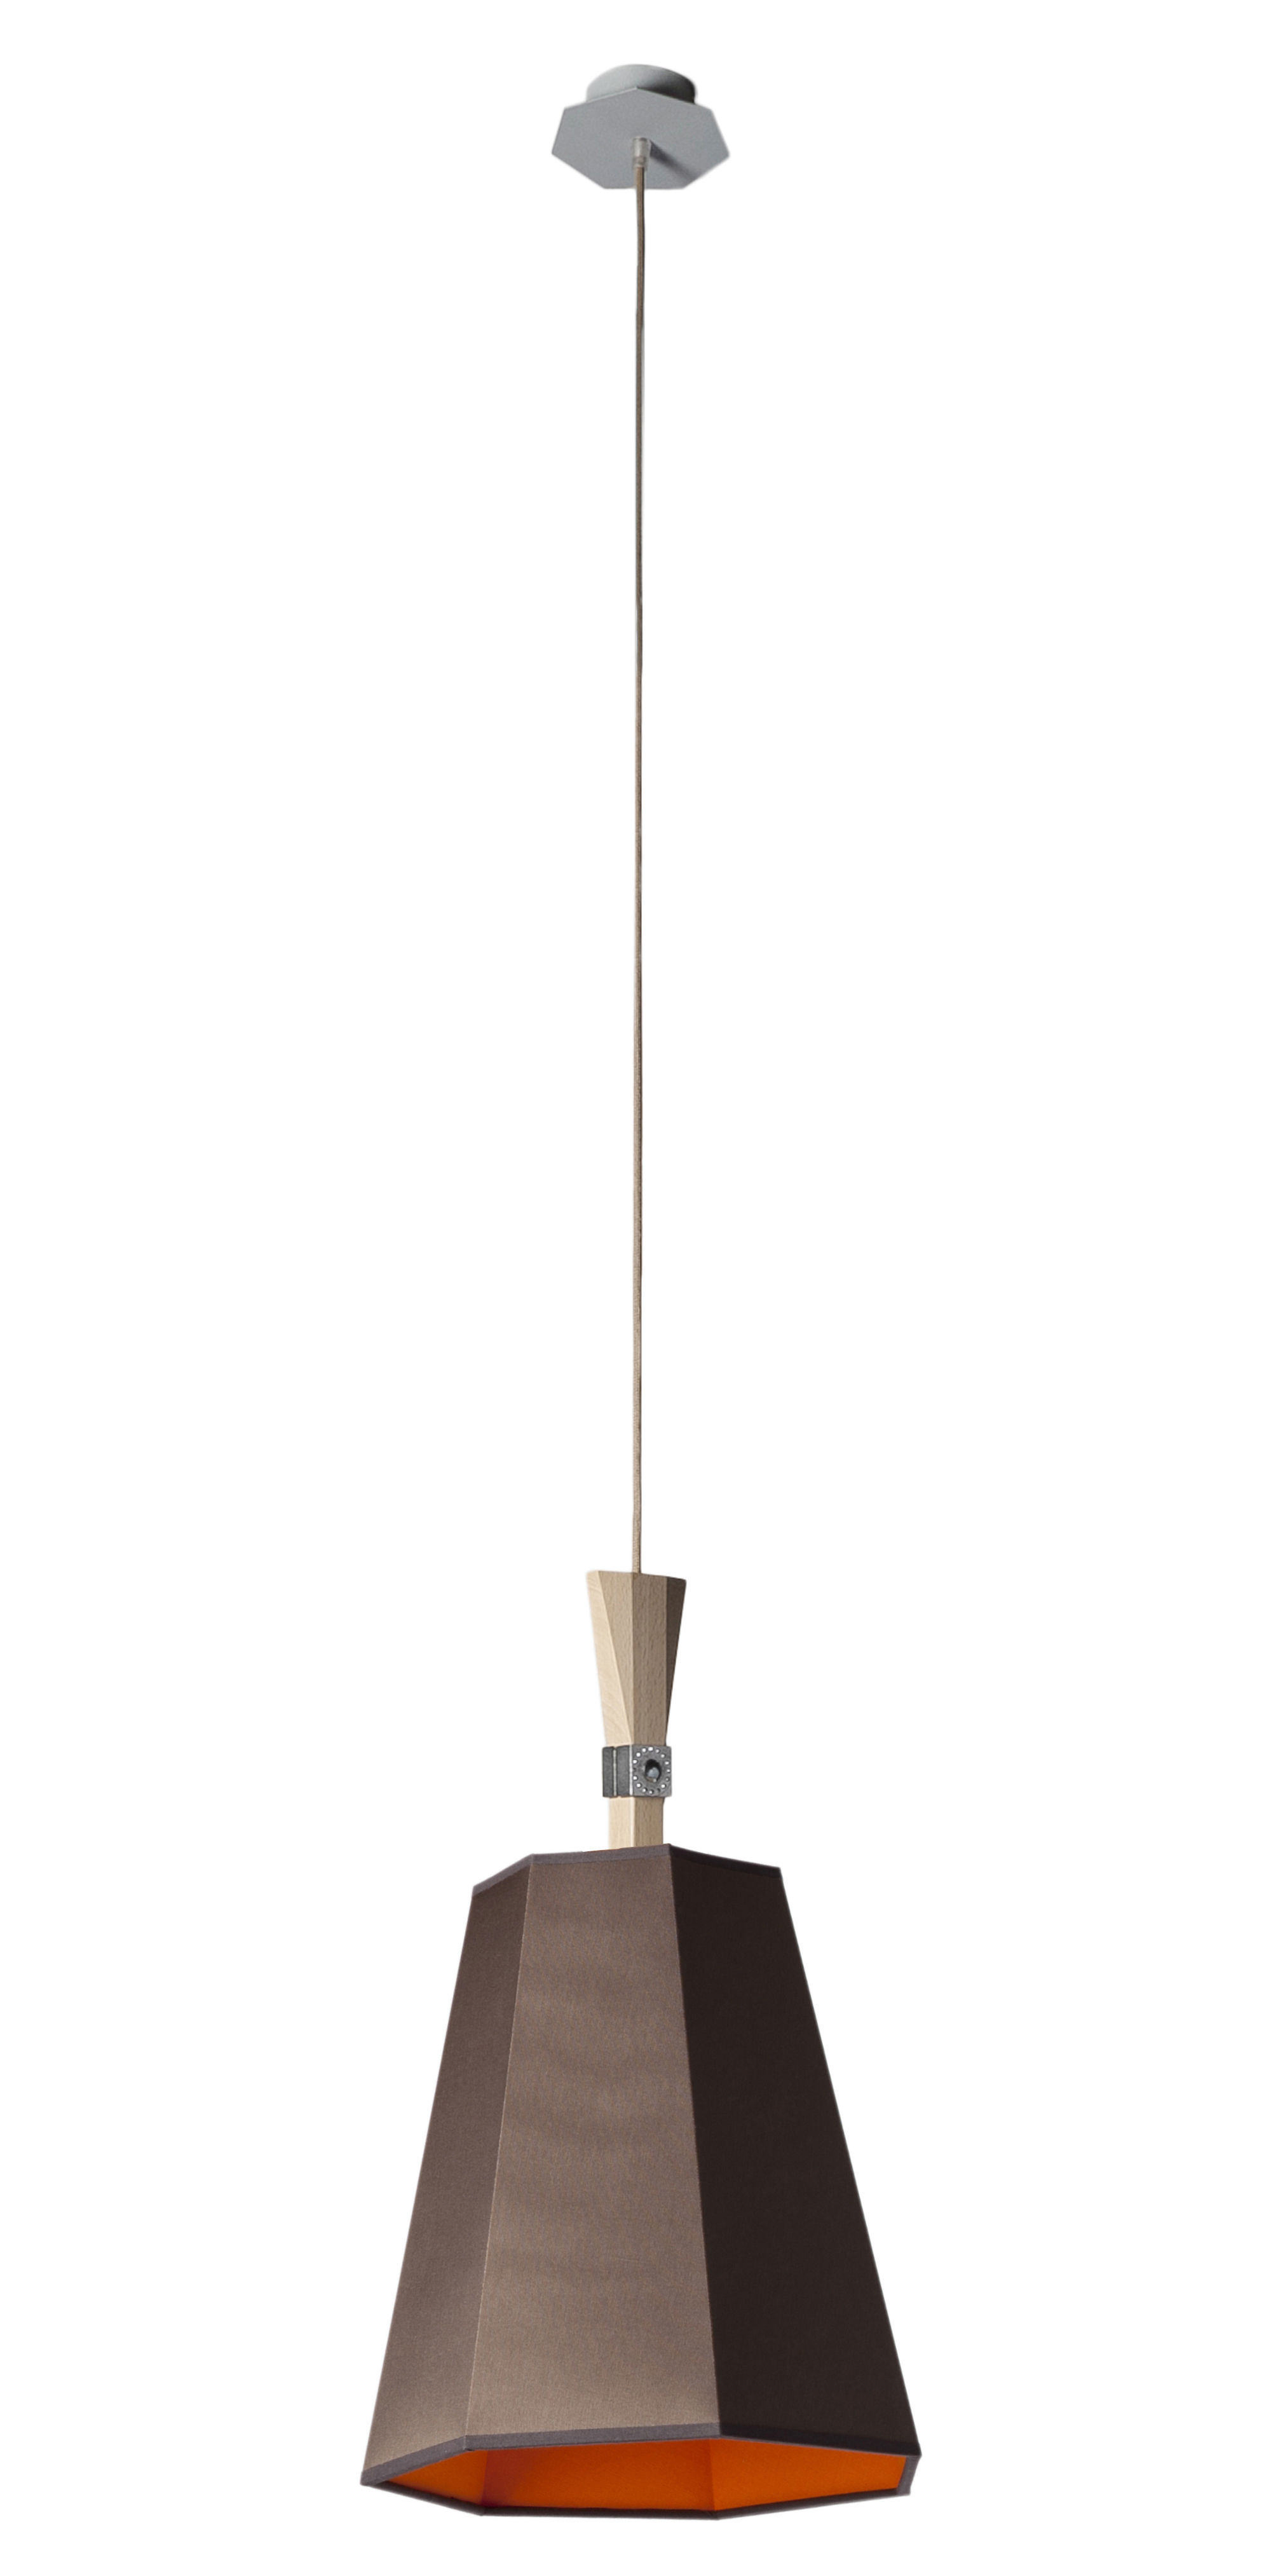 Leuchten - Pendelleuchten - LuXiole Pendelleuchte Ø 40 cm - Designheure - Lampenschirm braun / Innenseite orange - Baumwolle, Buchenfurnier